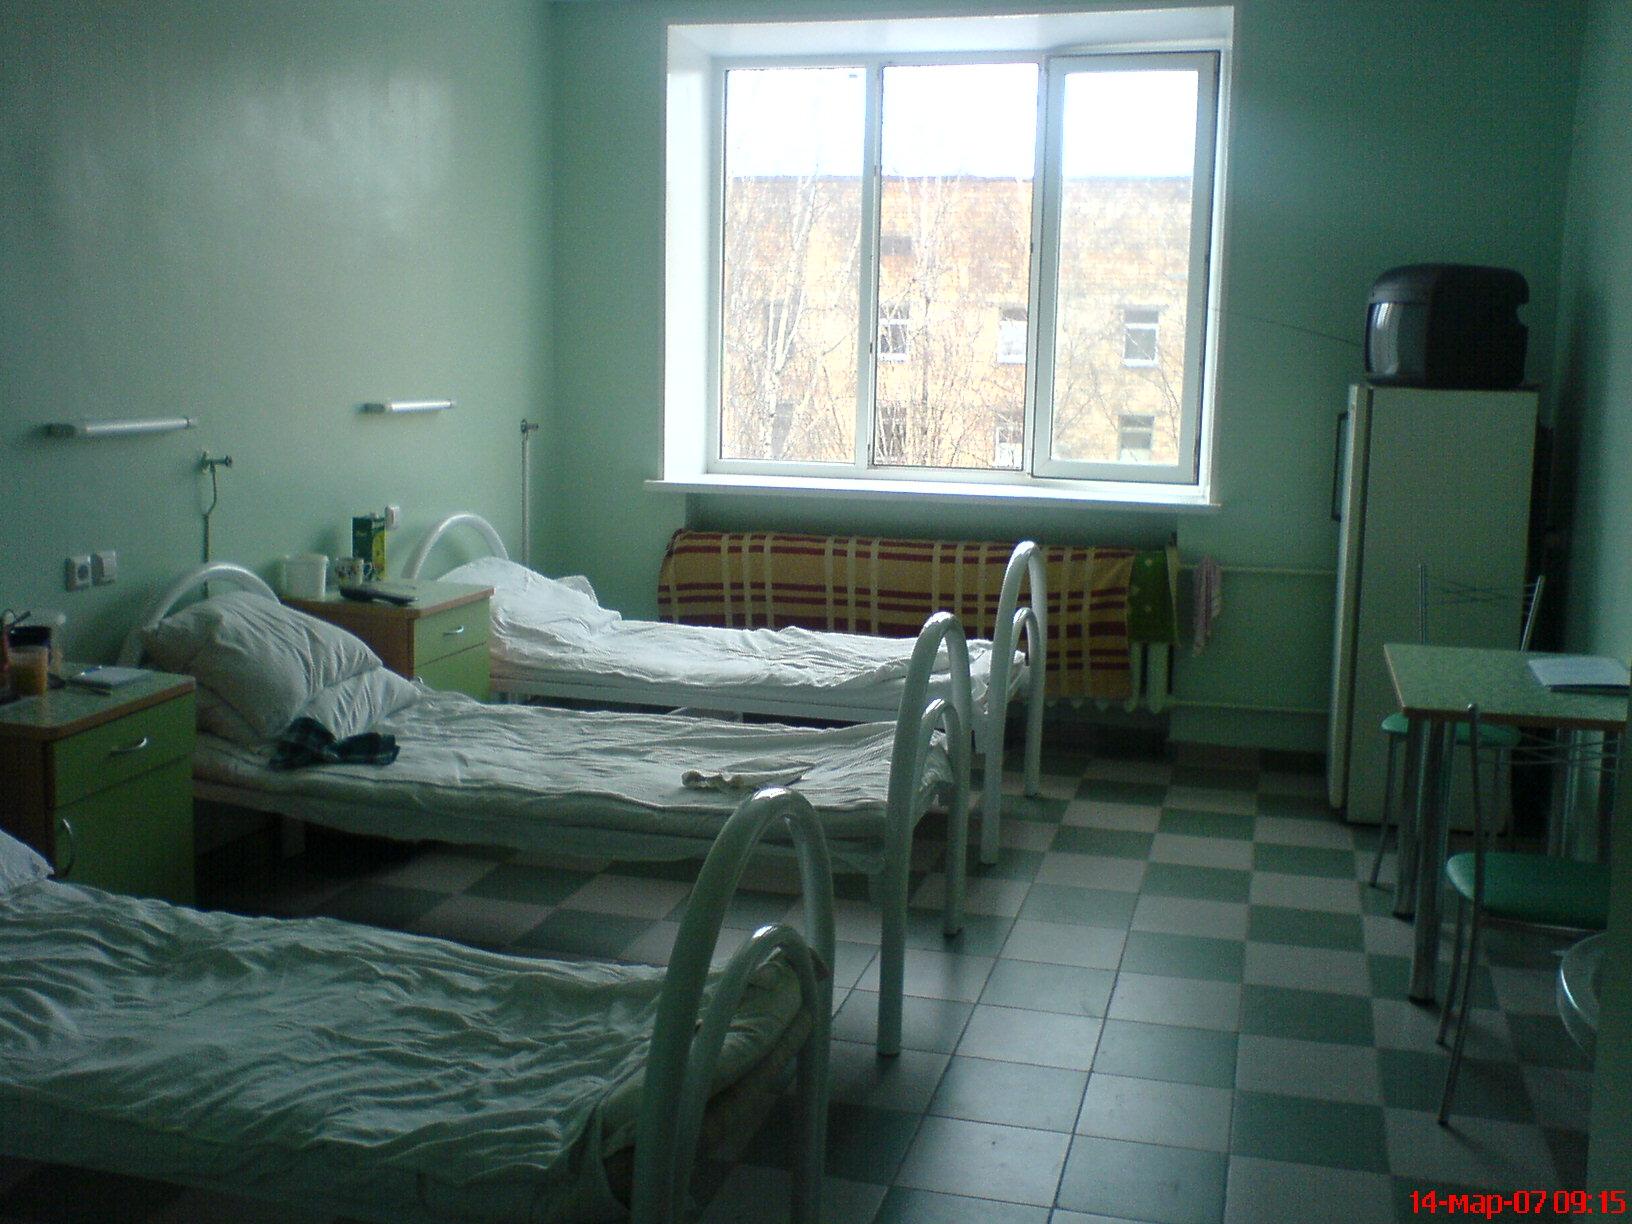 Рождественский шок или как на самом деле ведут себя с пациентами в областной больнице. Там просто ужас